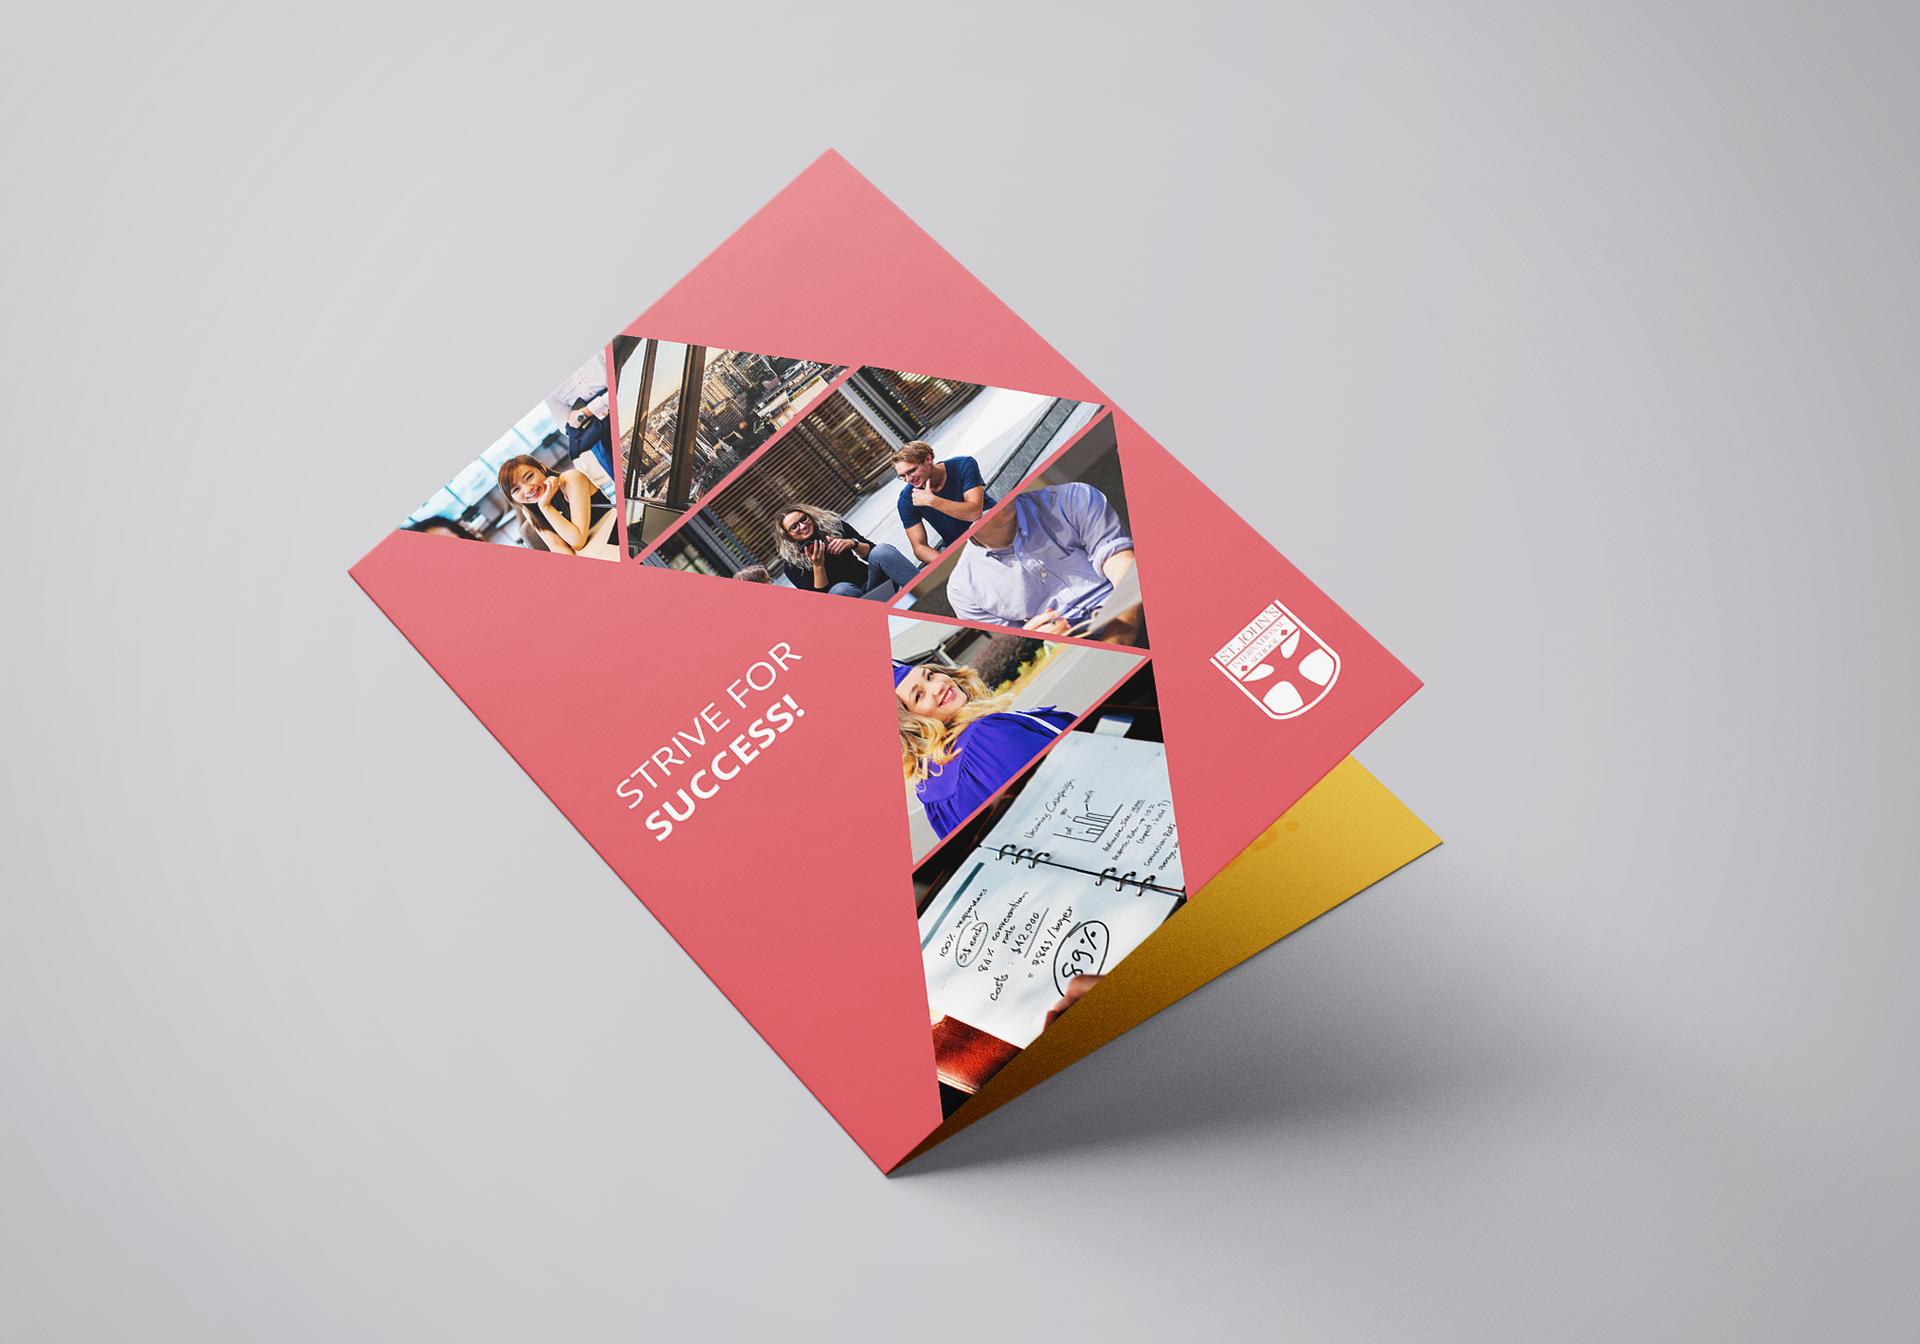 St Johns University Catholic Institution | Burst Creative Group | Vancouver Digital Agency | Monika Szucs